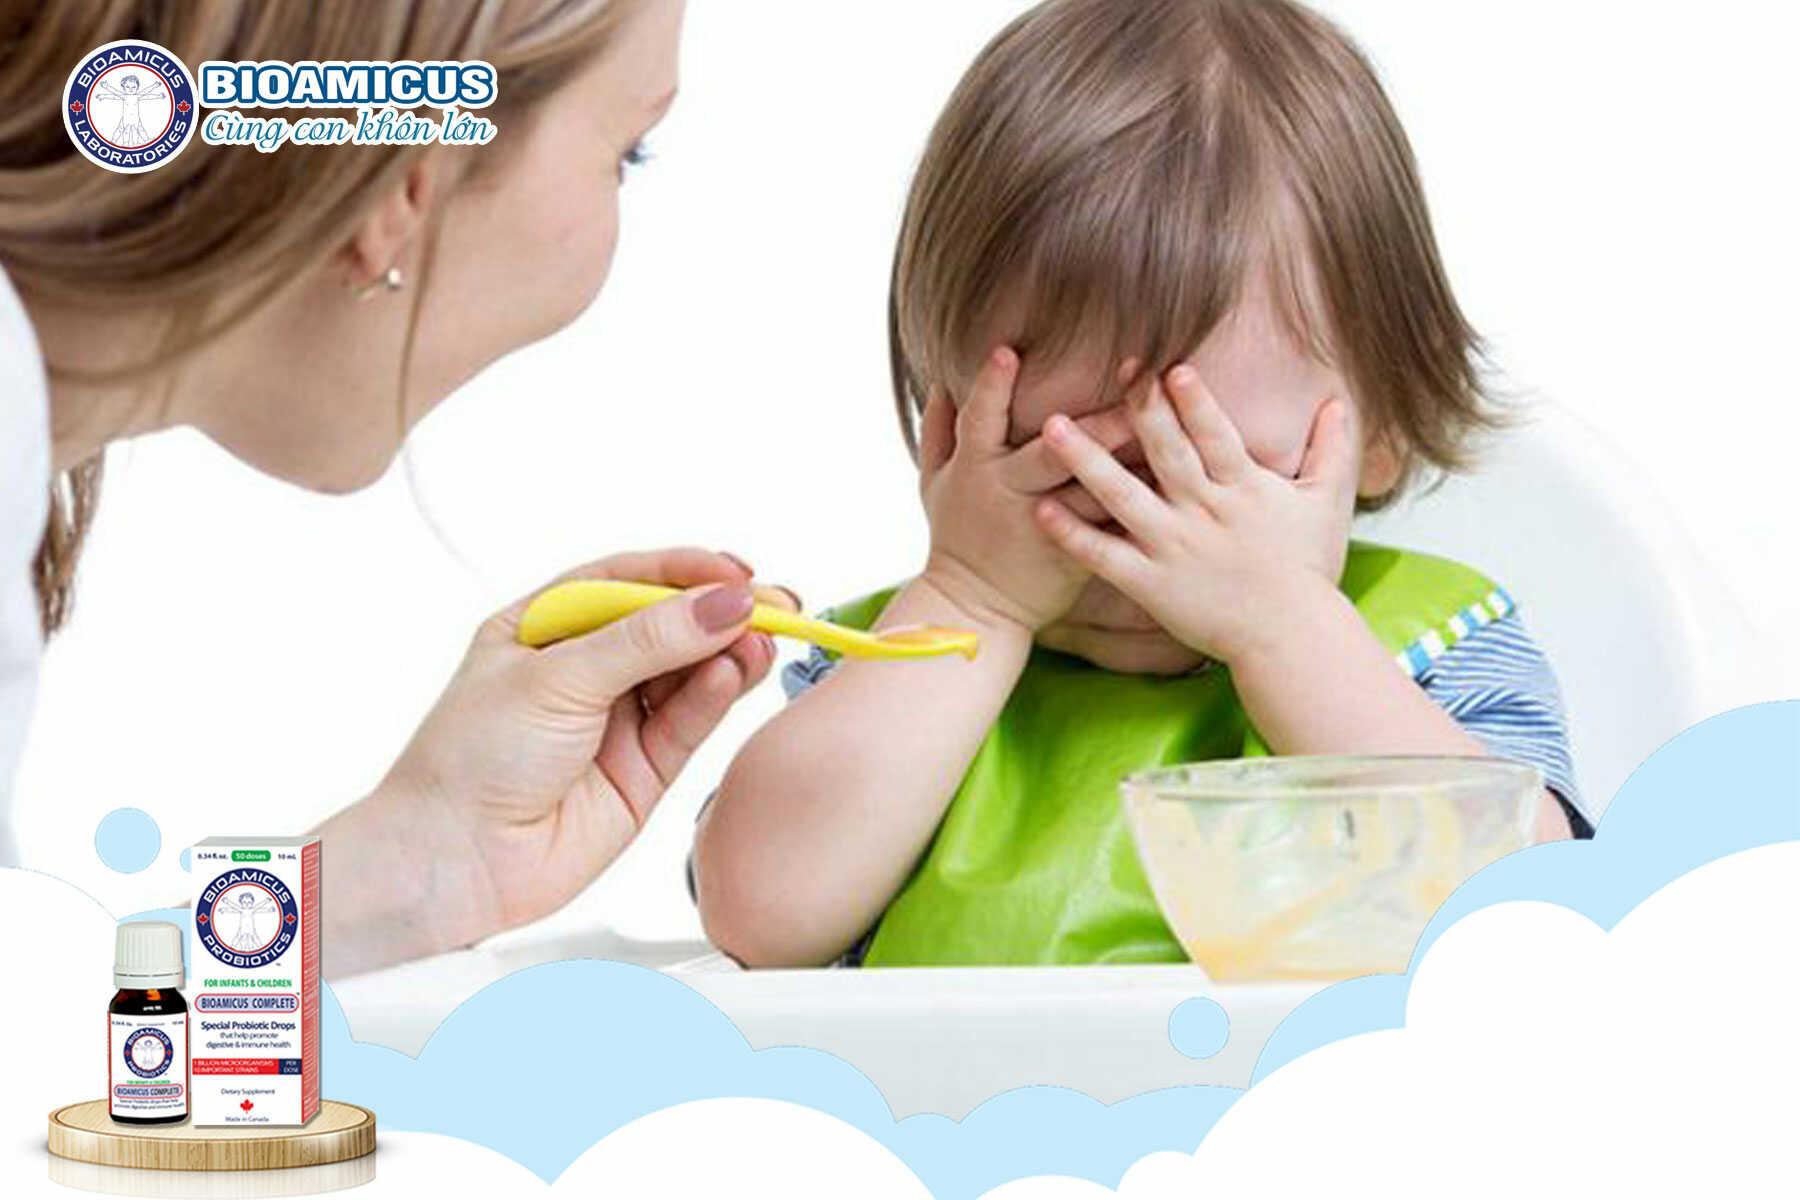 mẹ nên làm gì khi trẻ biếng ăn